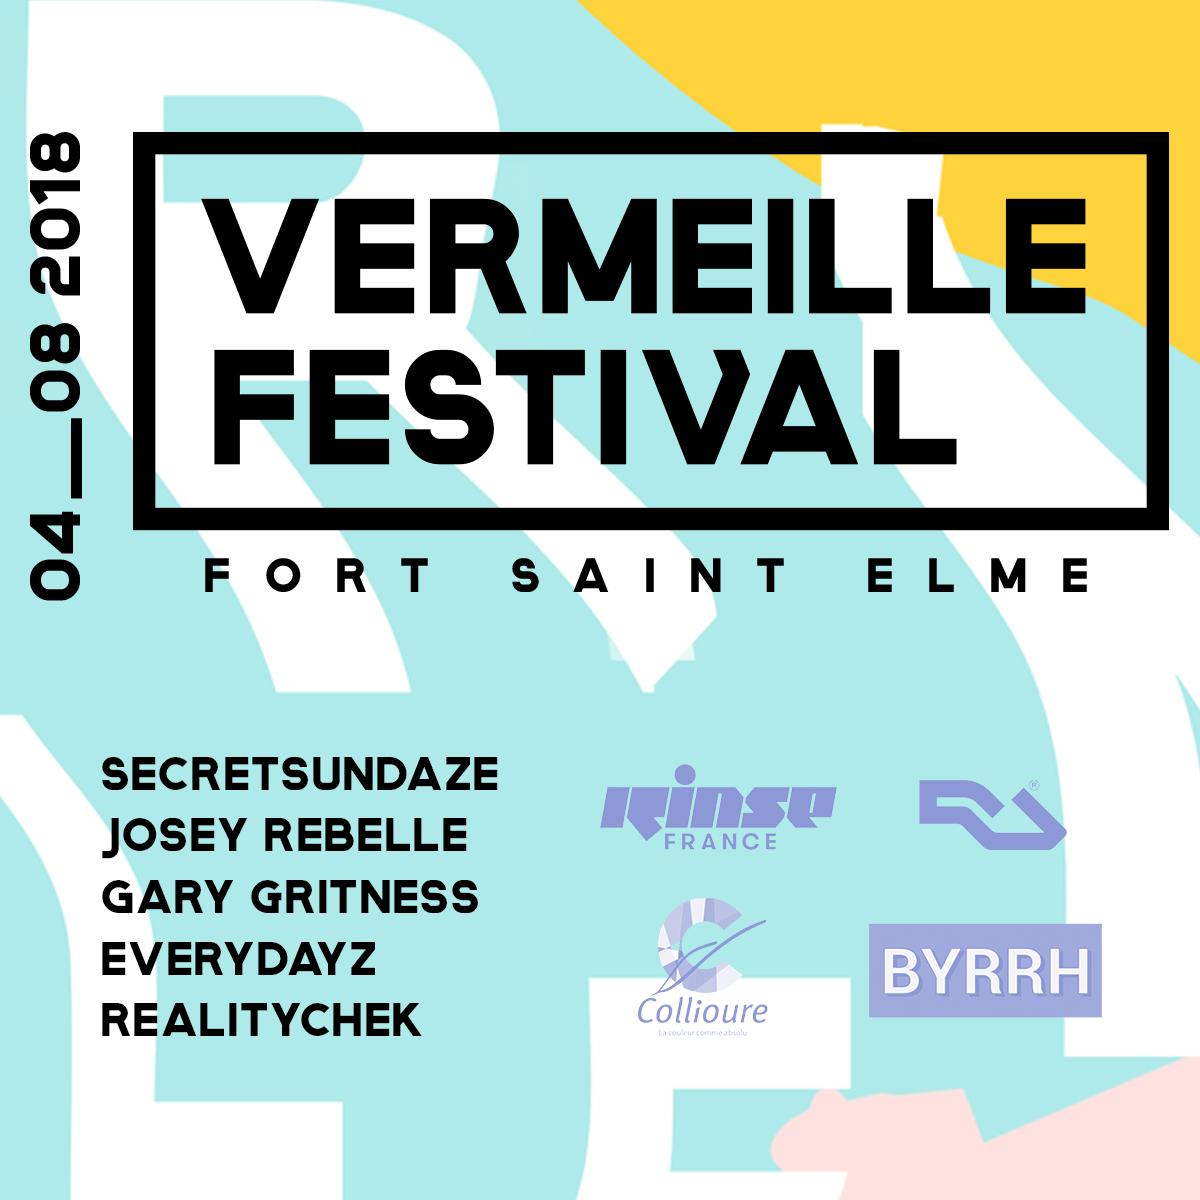 Vermeille Festival 2018